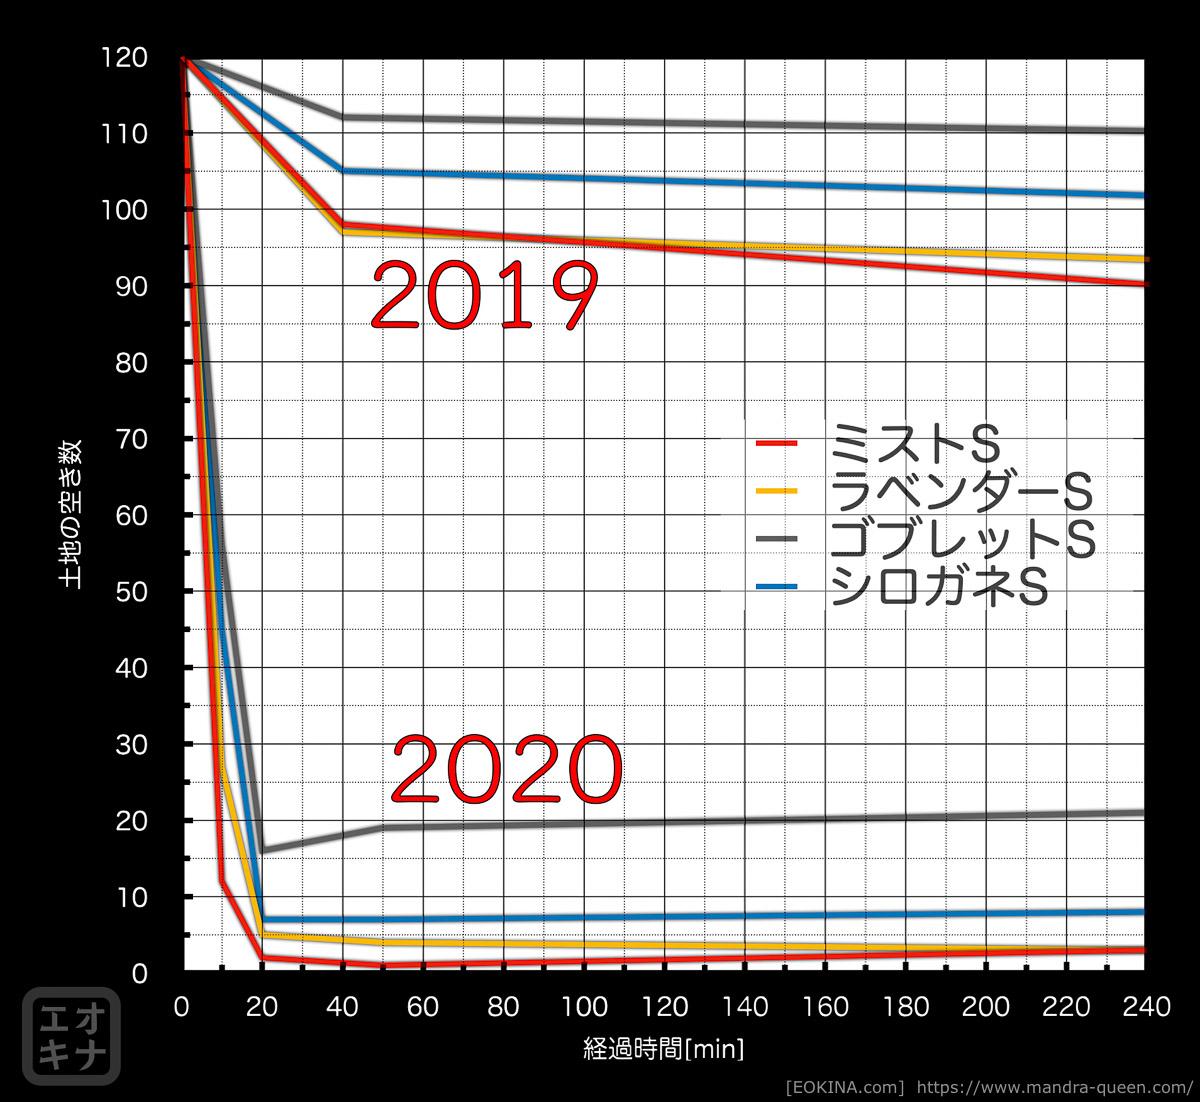 ハウジング区画追加時のSサイズ空き状況推移を、2020年と2019年で比較しているグラフ。